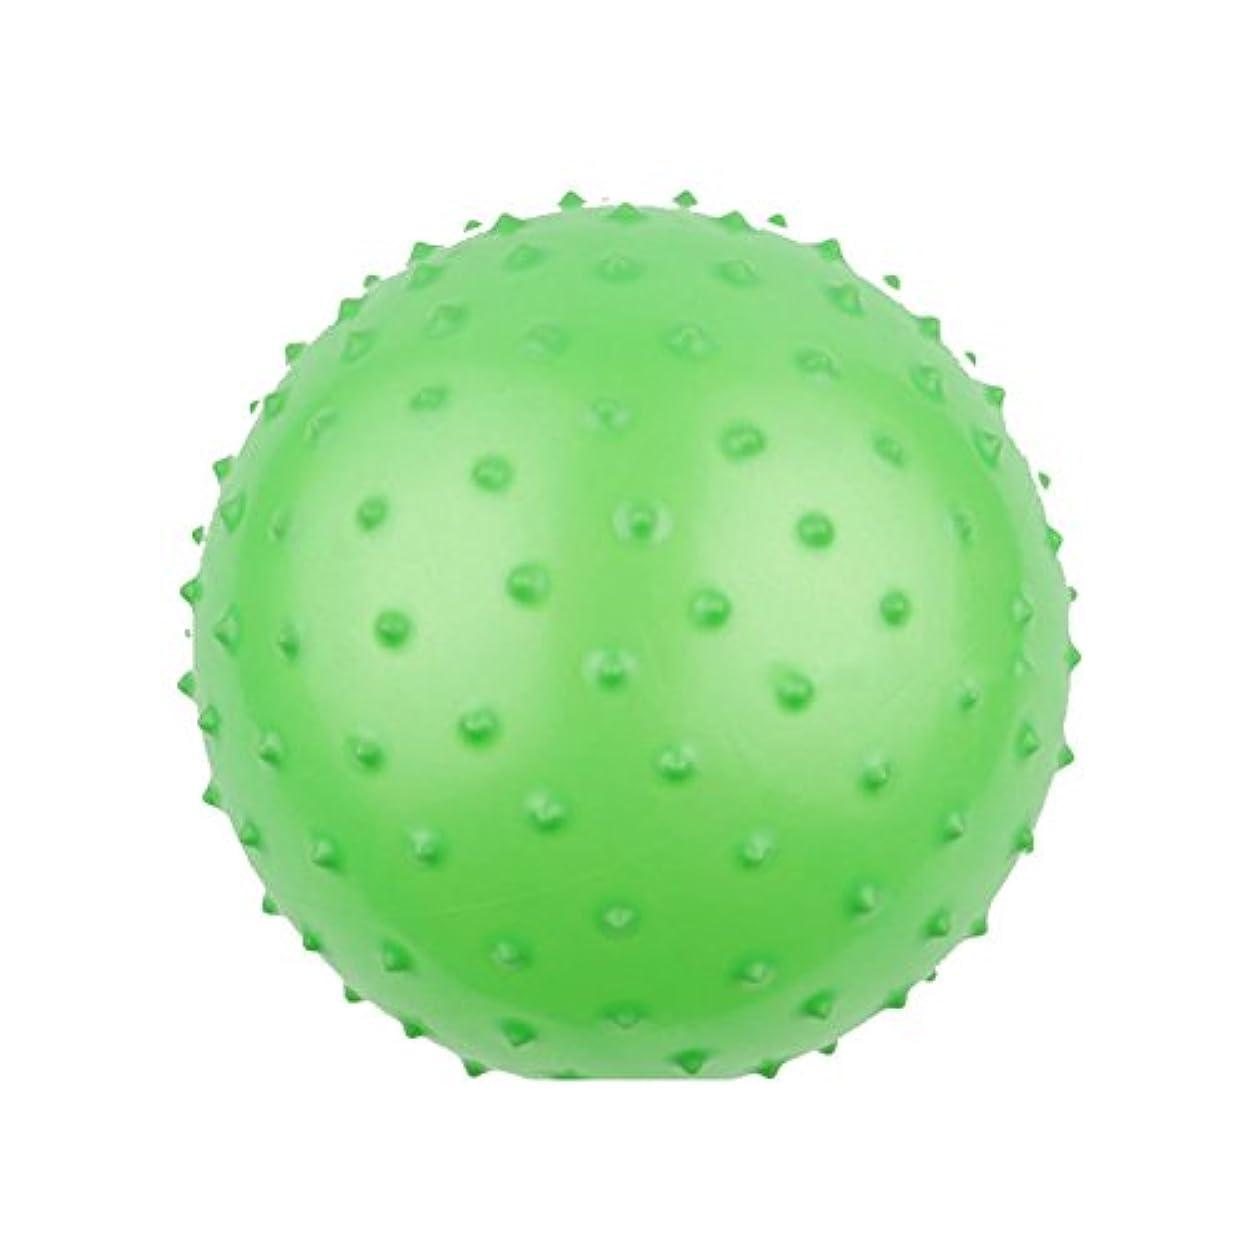 の頭の上ひもバイオリニストLiebeye 野球ボール 素敵な野球ボールマッサージボールキッズインフレータブルおもちゃのギフト装飾品(ランダムカラー) 28cmマッサージボール